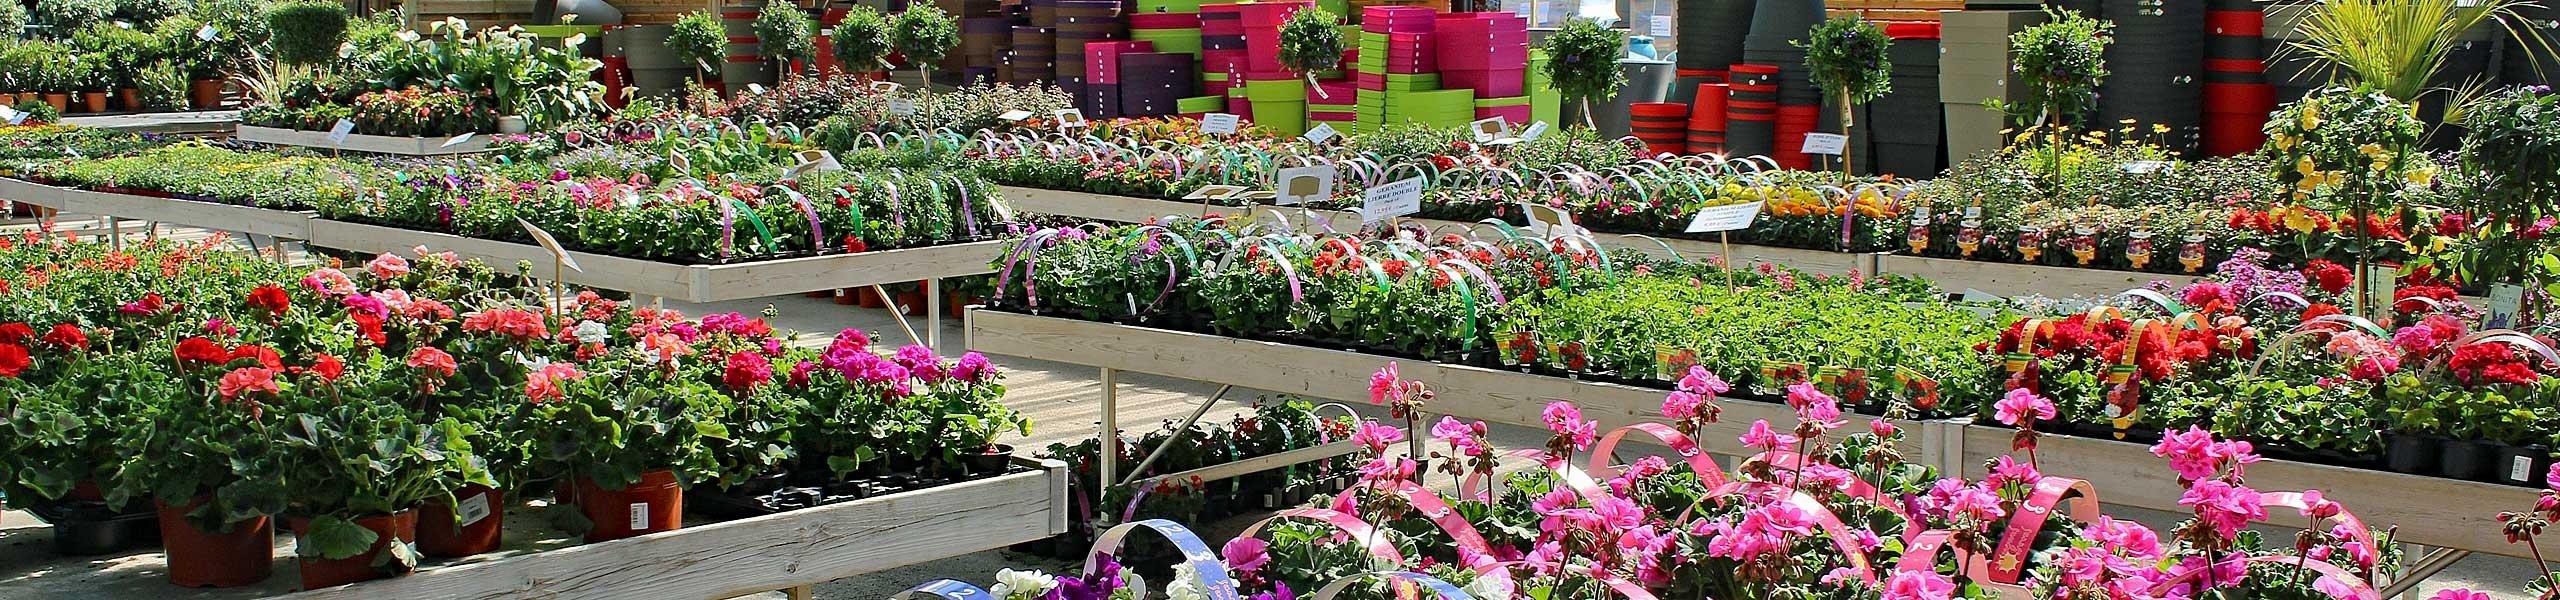 Marché aux fleurs sonofep